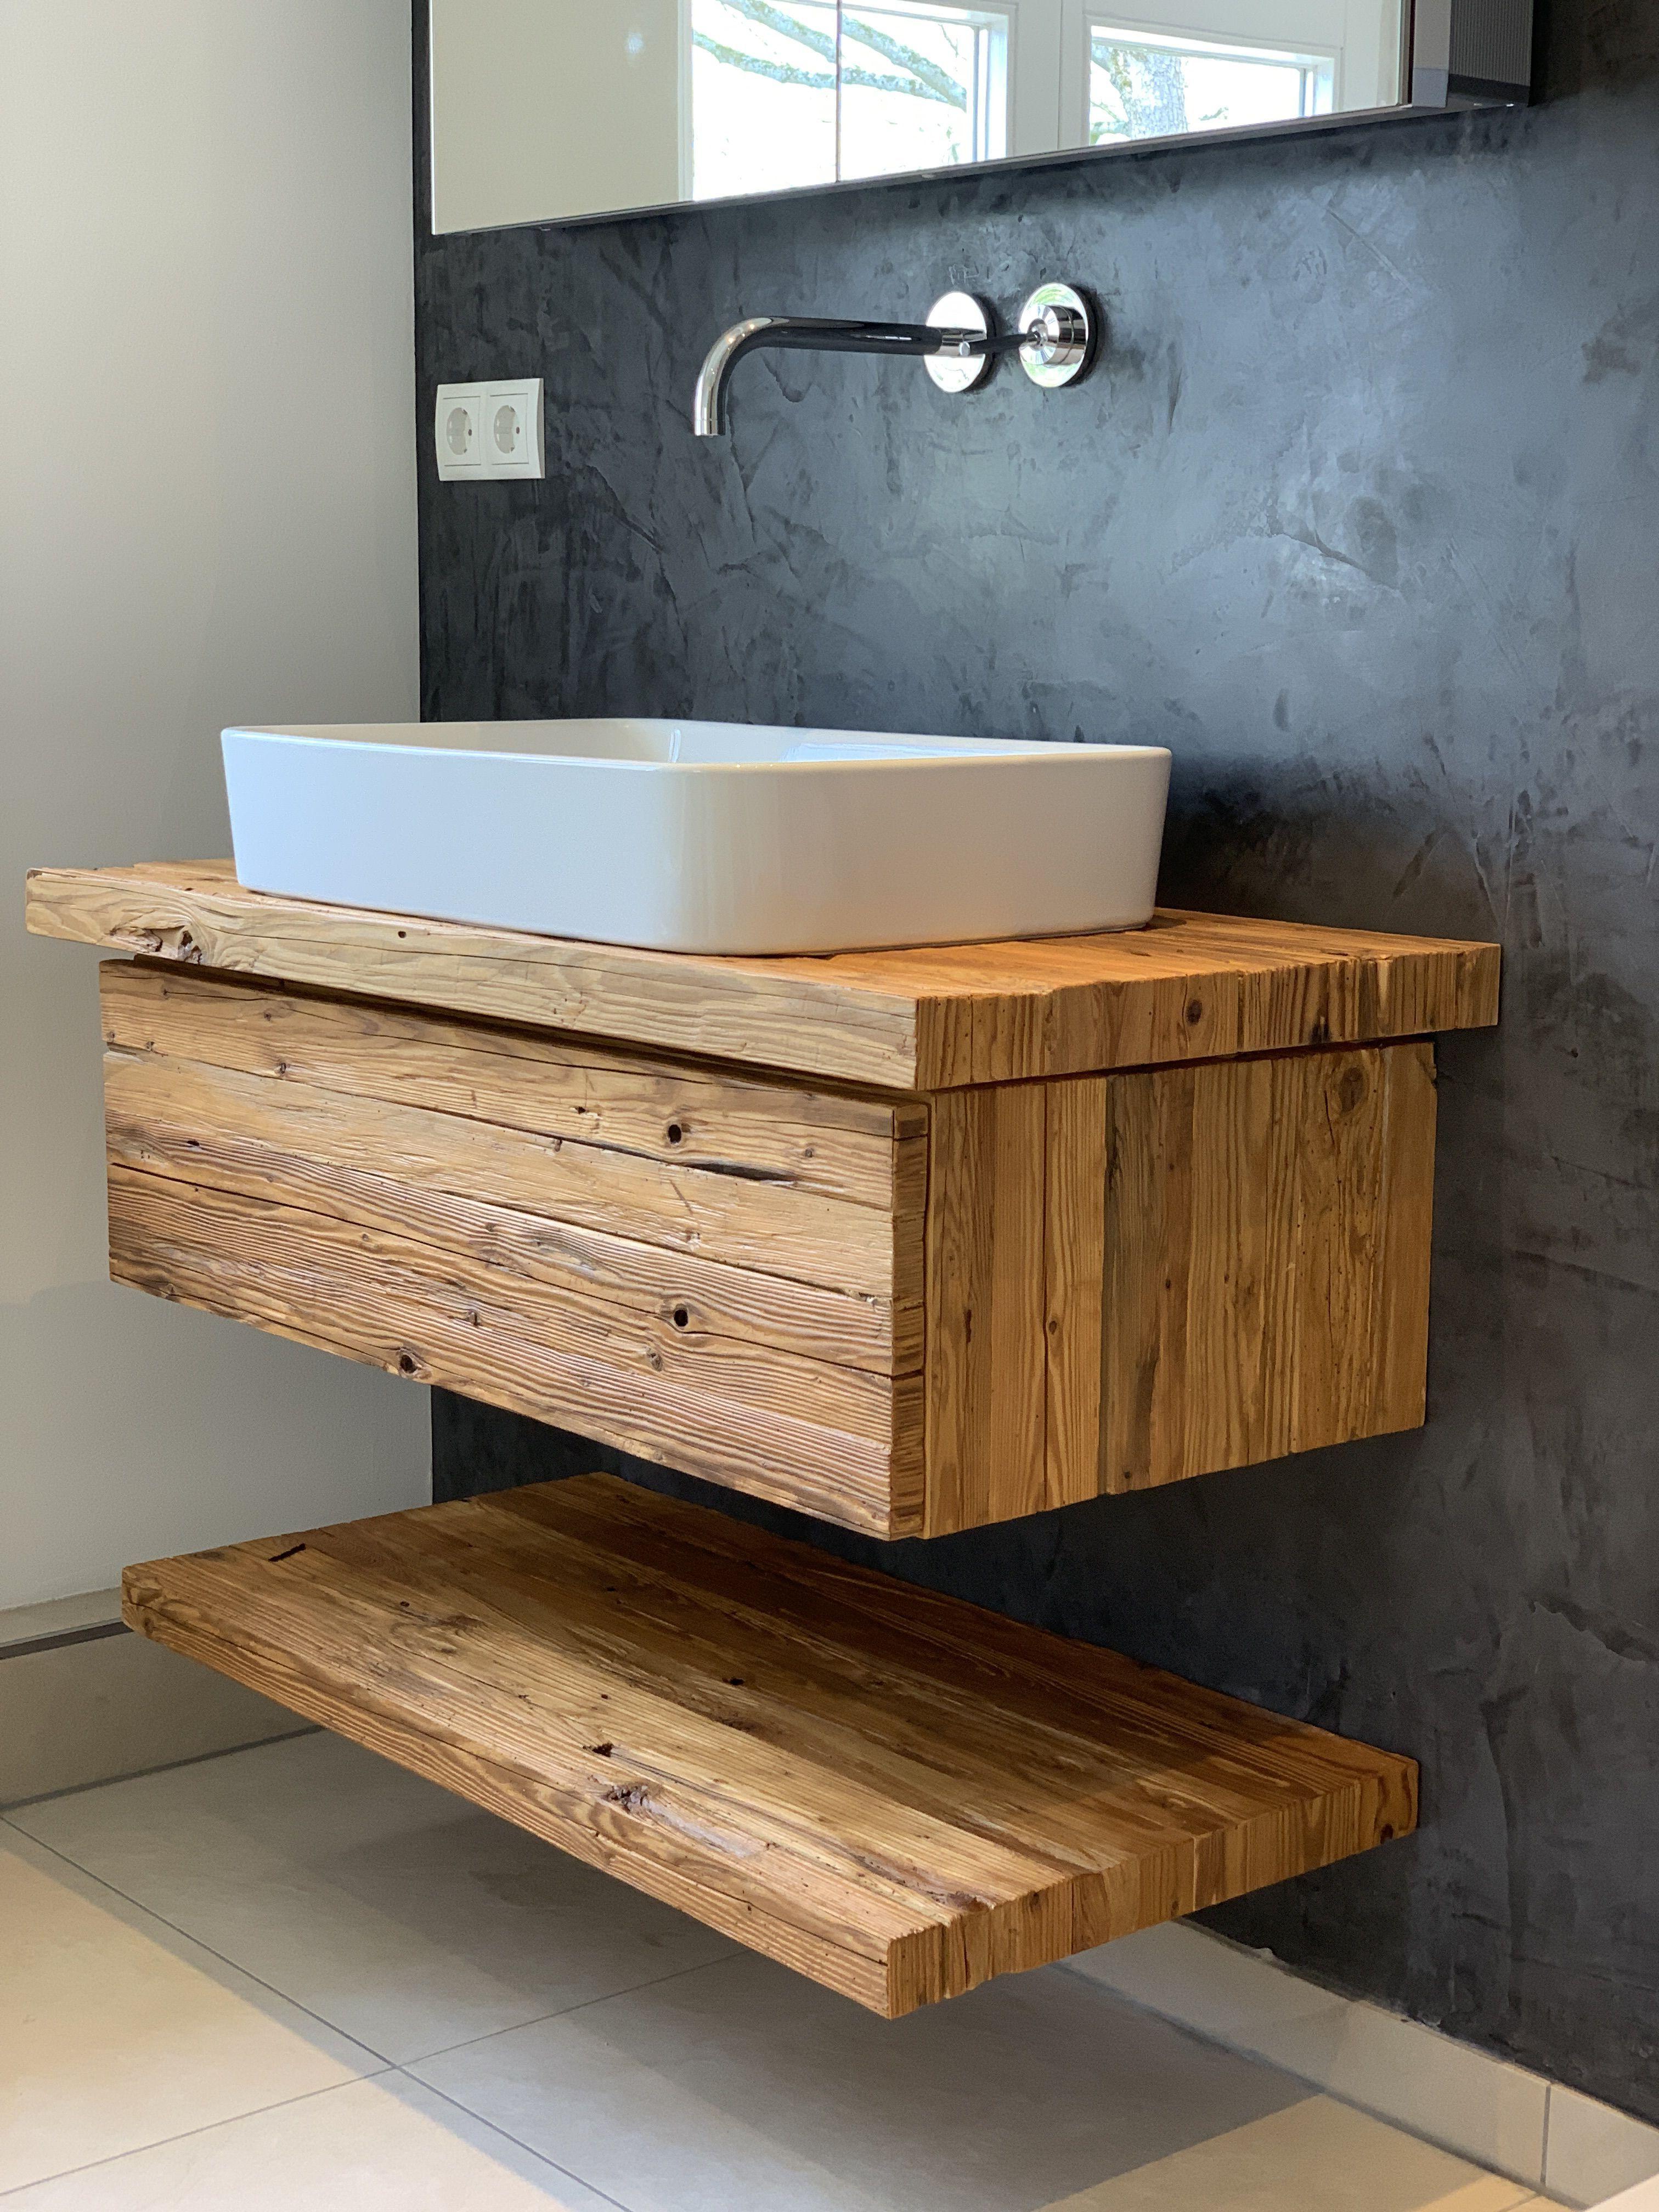 Waschtisch Altholz Zuhausediy In 2020 Waschtisch Badezimmer Holz Badezimmer Unterschrank Holz